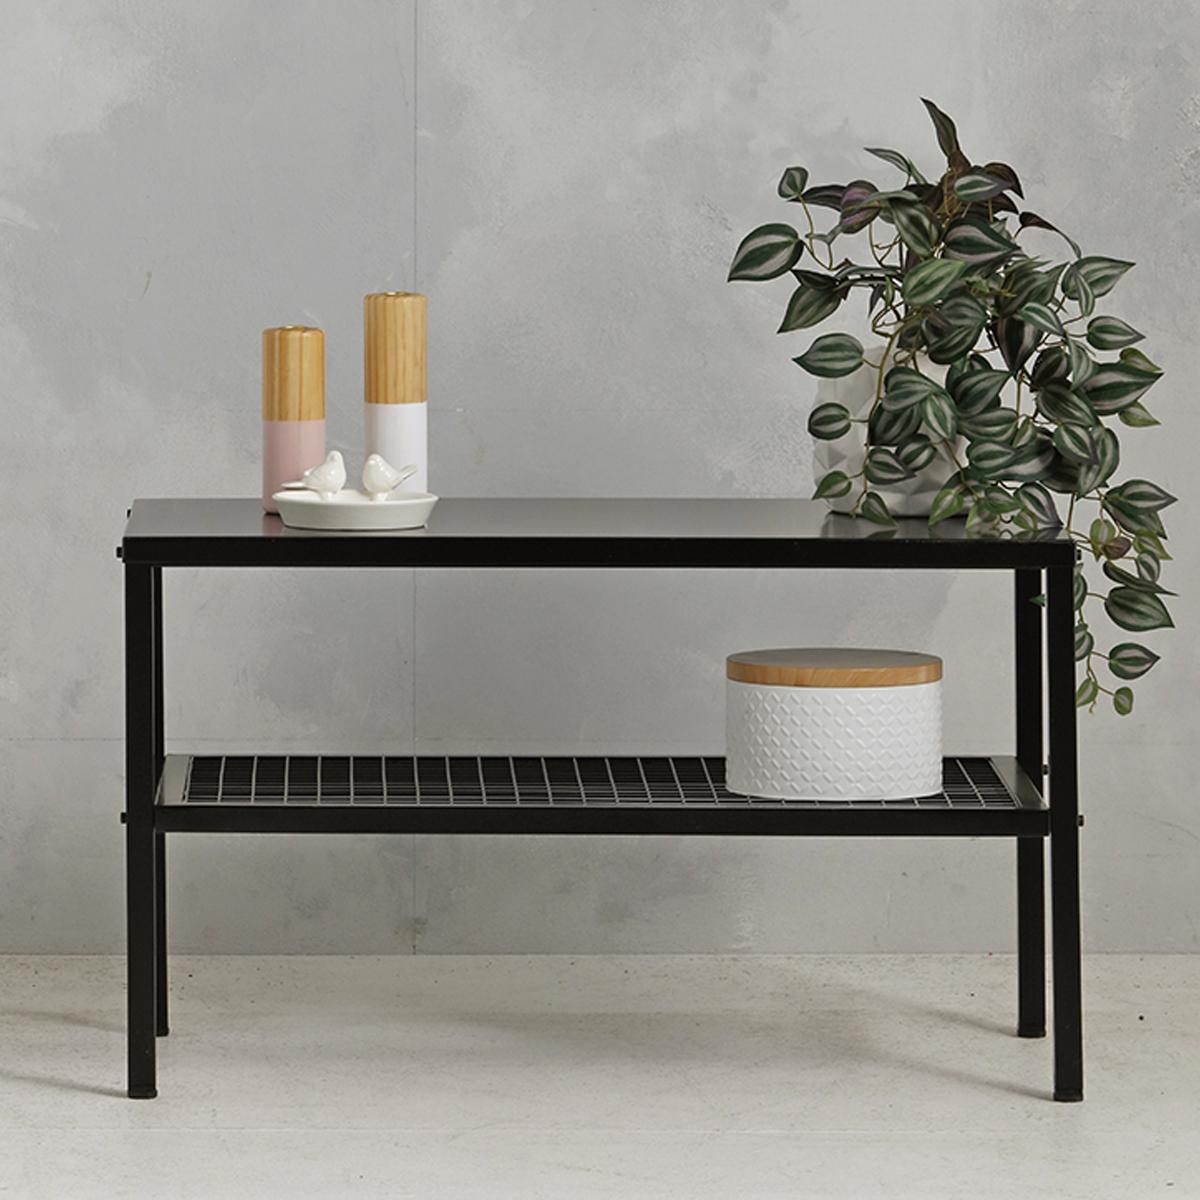 Metalen tafel industrieel - zwart - 50.2x85.3x44,5 cm - LCS-110